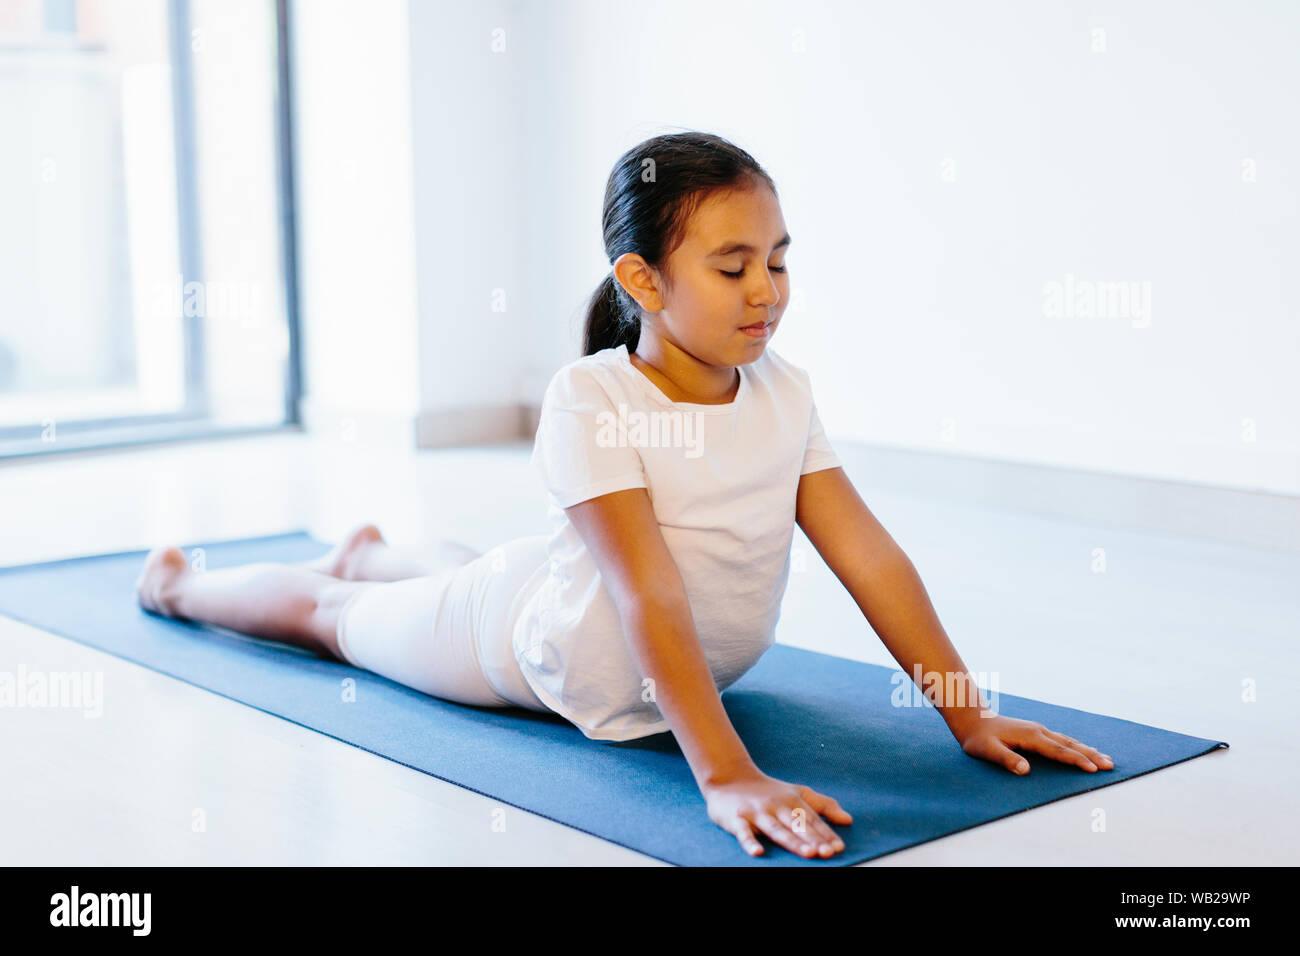 Une fillette de 9 ans fait yoga pose allongé sur un tapis de yoga. Elle portait des vêtements blancs. Elle a l'ethnicité hispanique caractéristiques. Banque D'Images